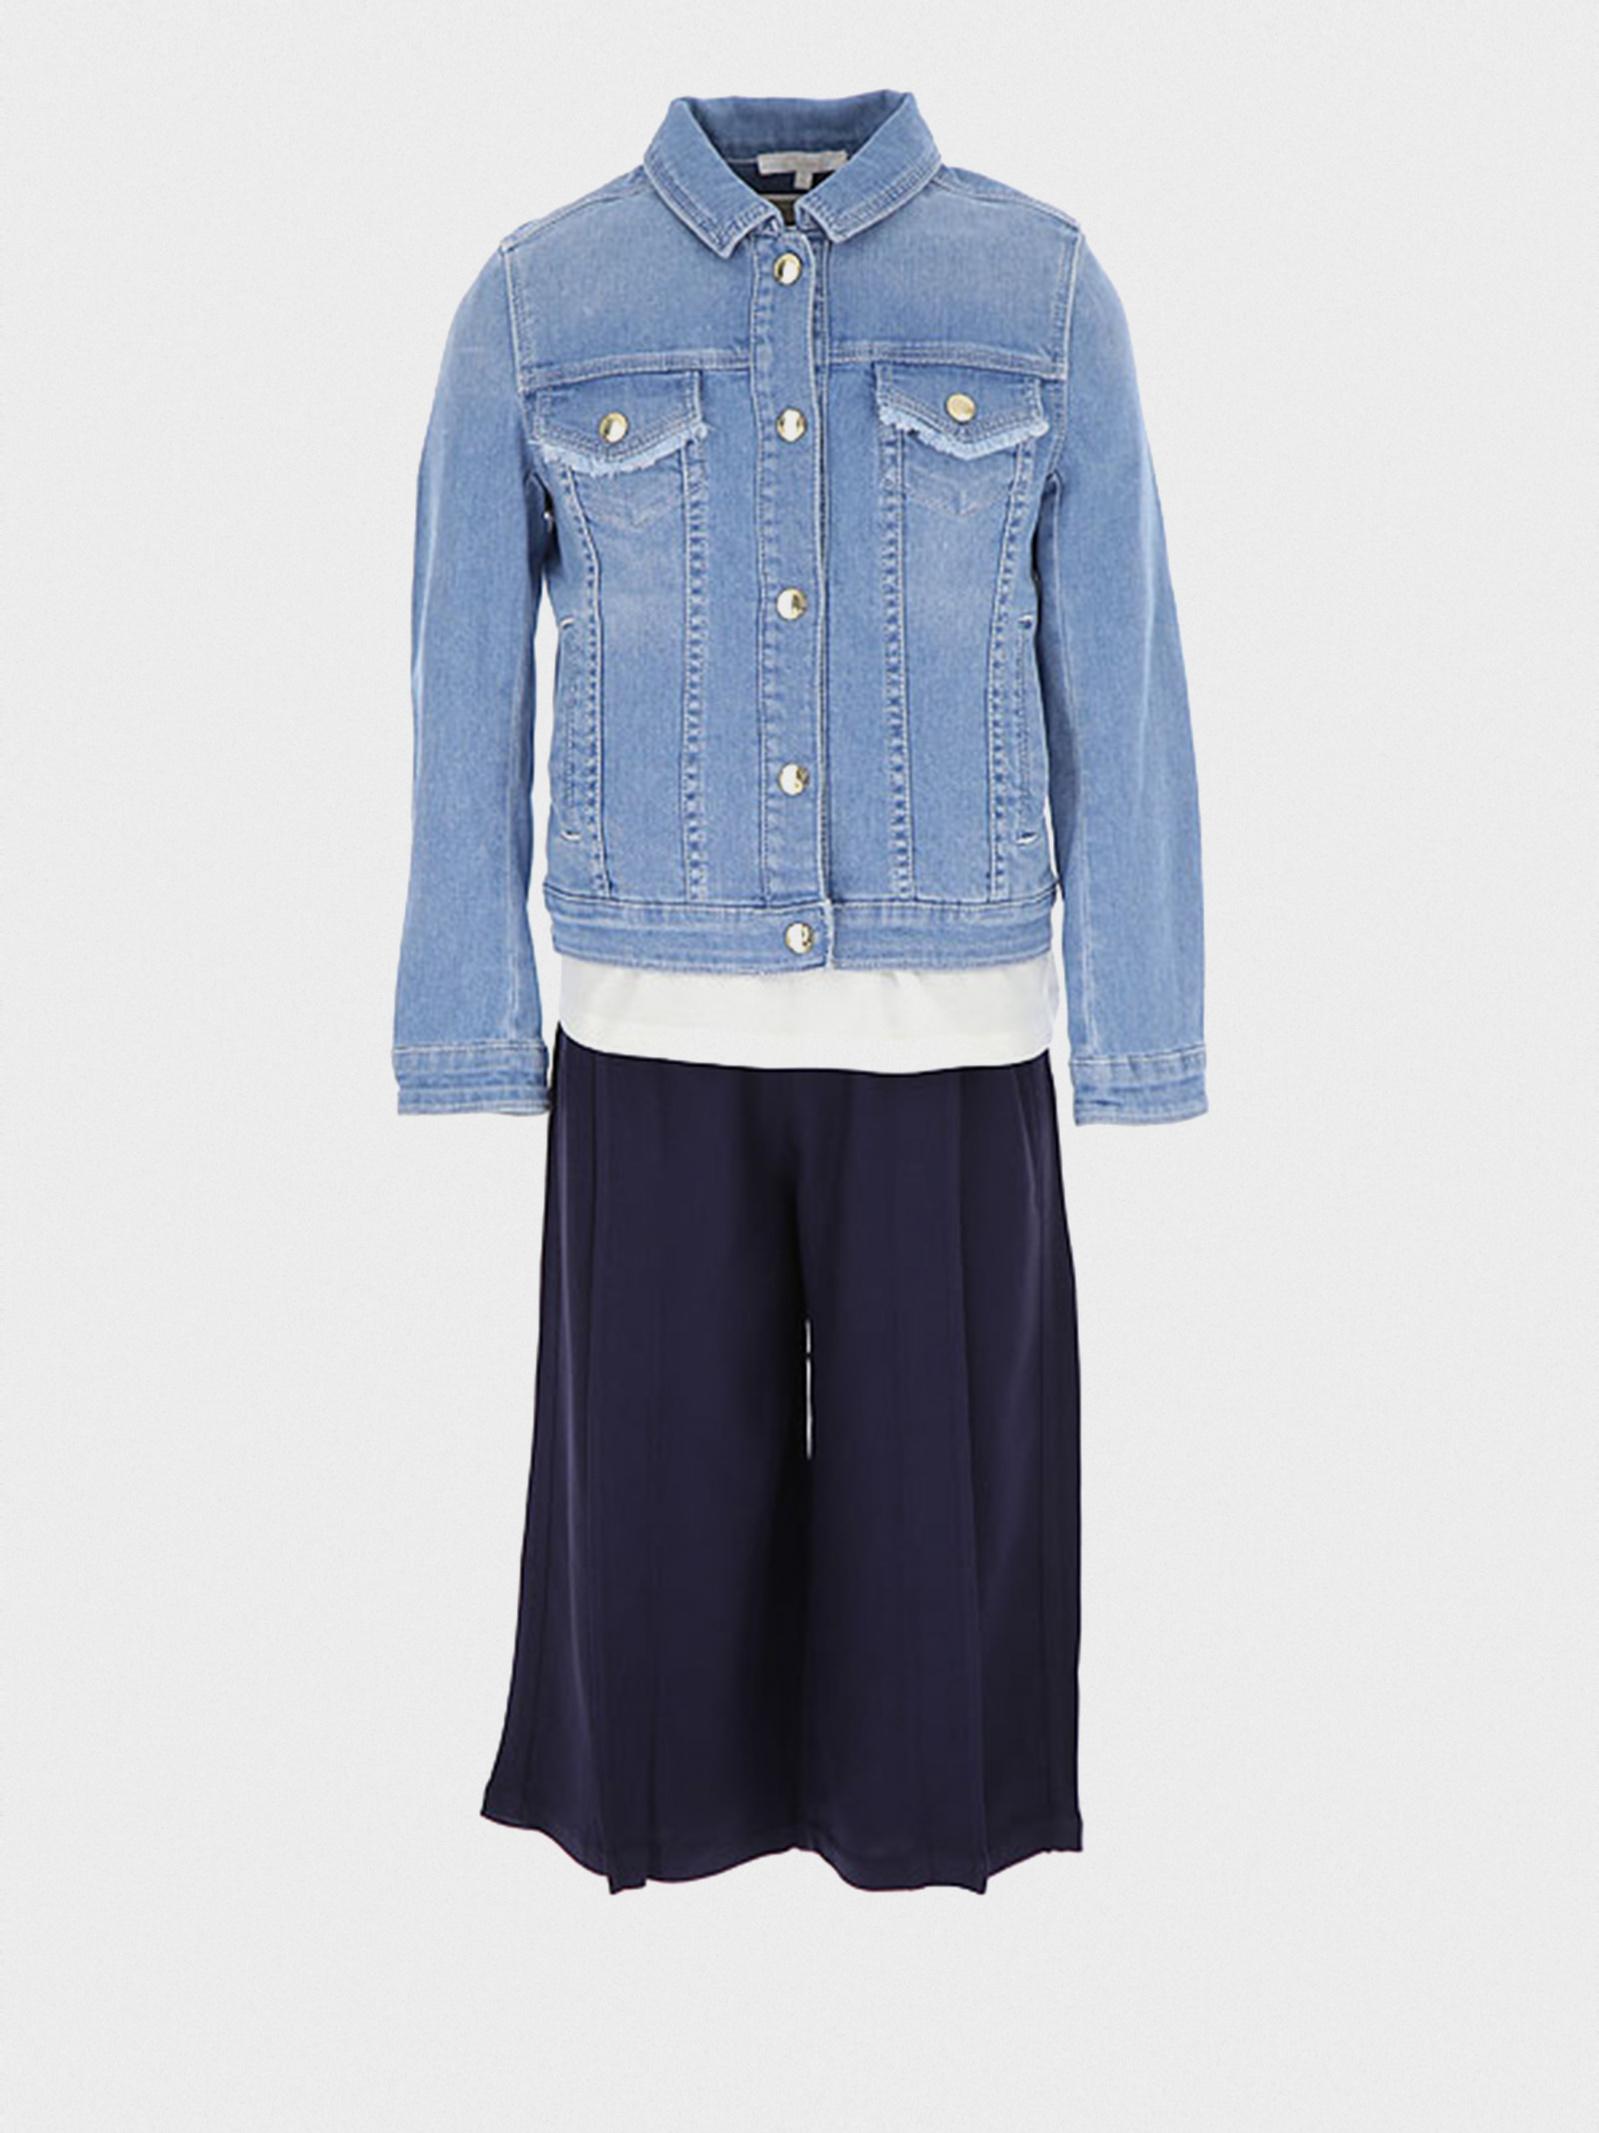 Куртка детские Chloe модель XE290 отзывы, 2017